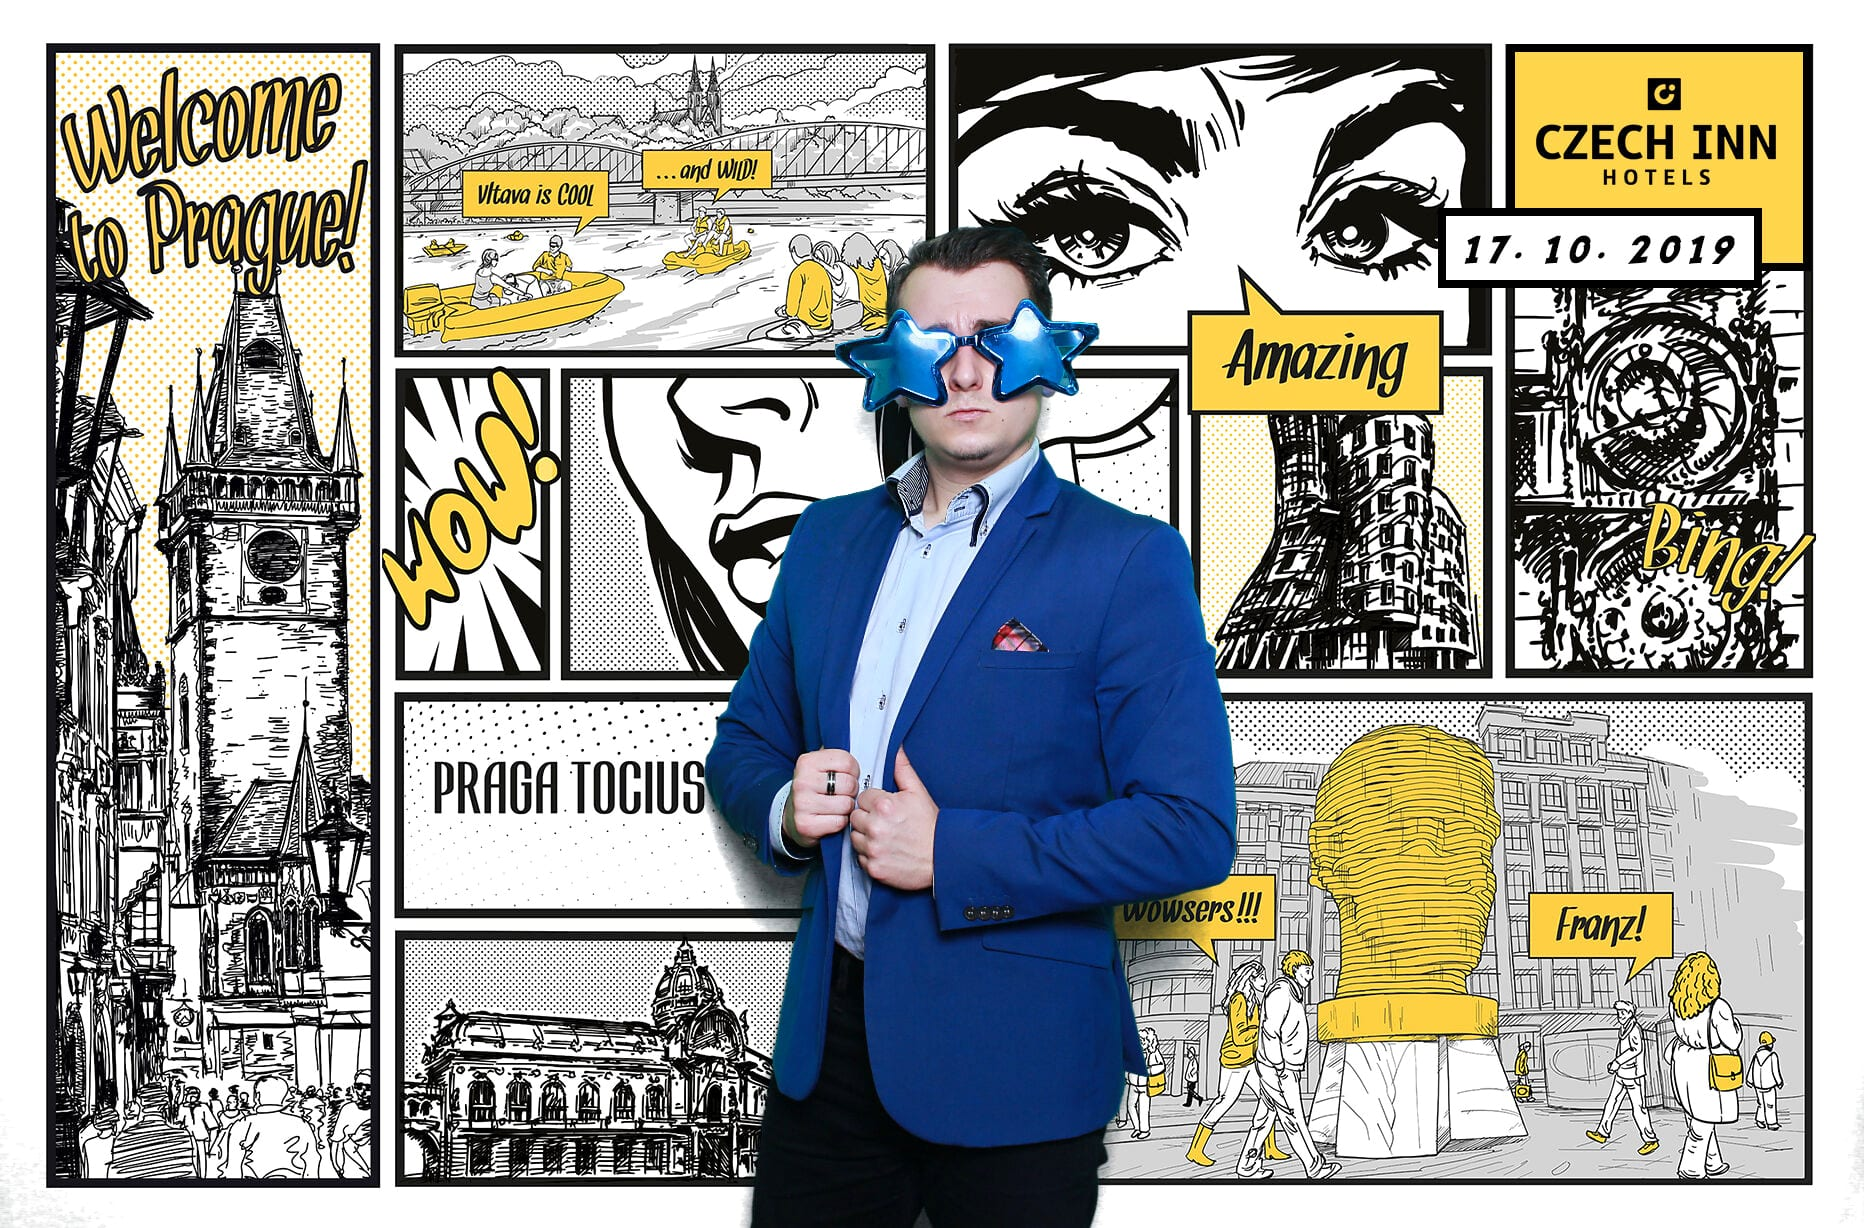 fotokoutek-firemni-vecirek-praha-czech-inn-hotels-17-10-2019-662708